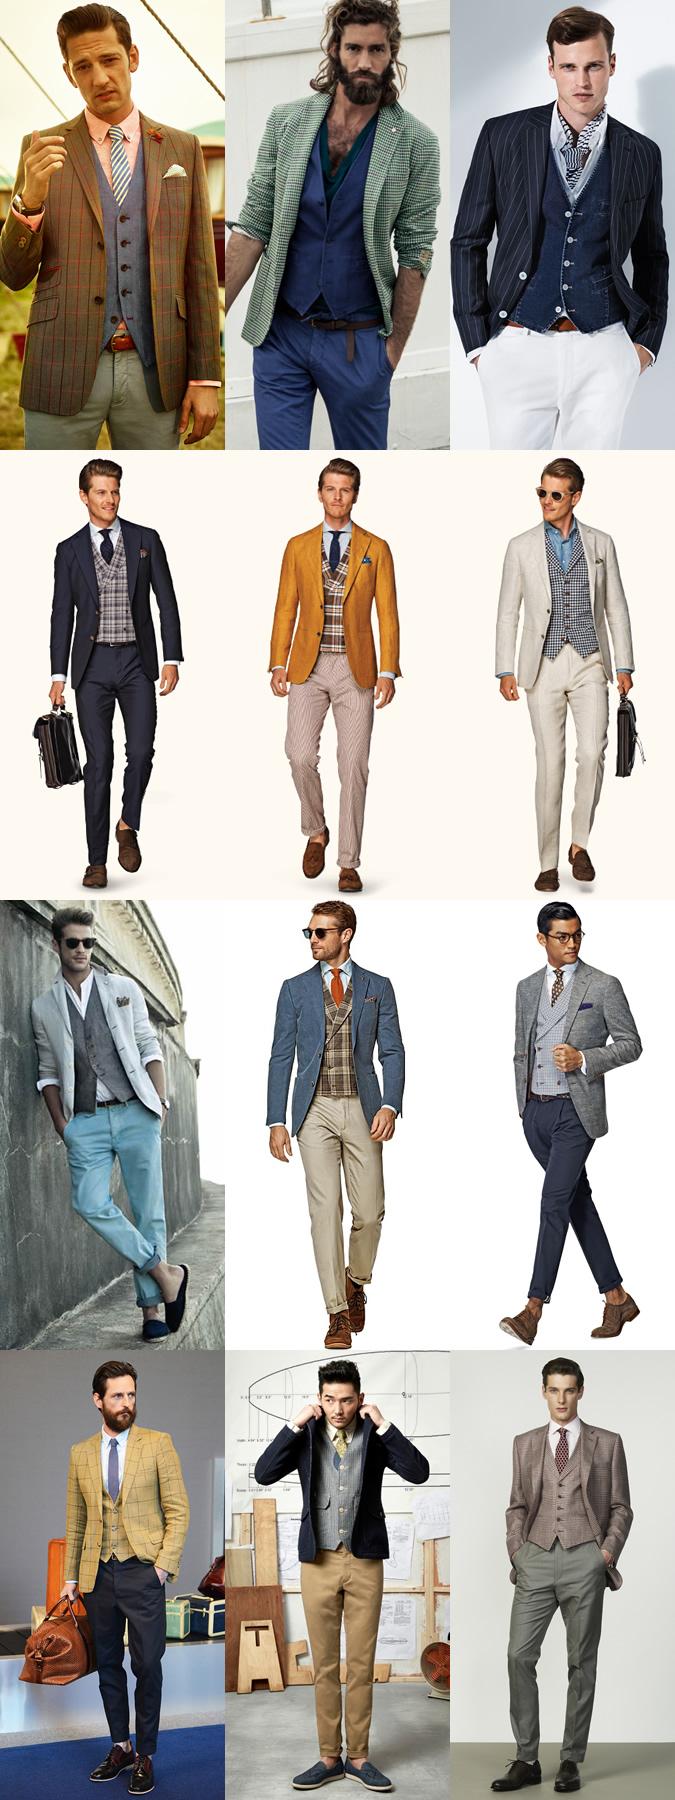 mens waistcoat vest outfit ideas